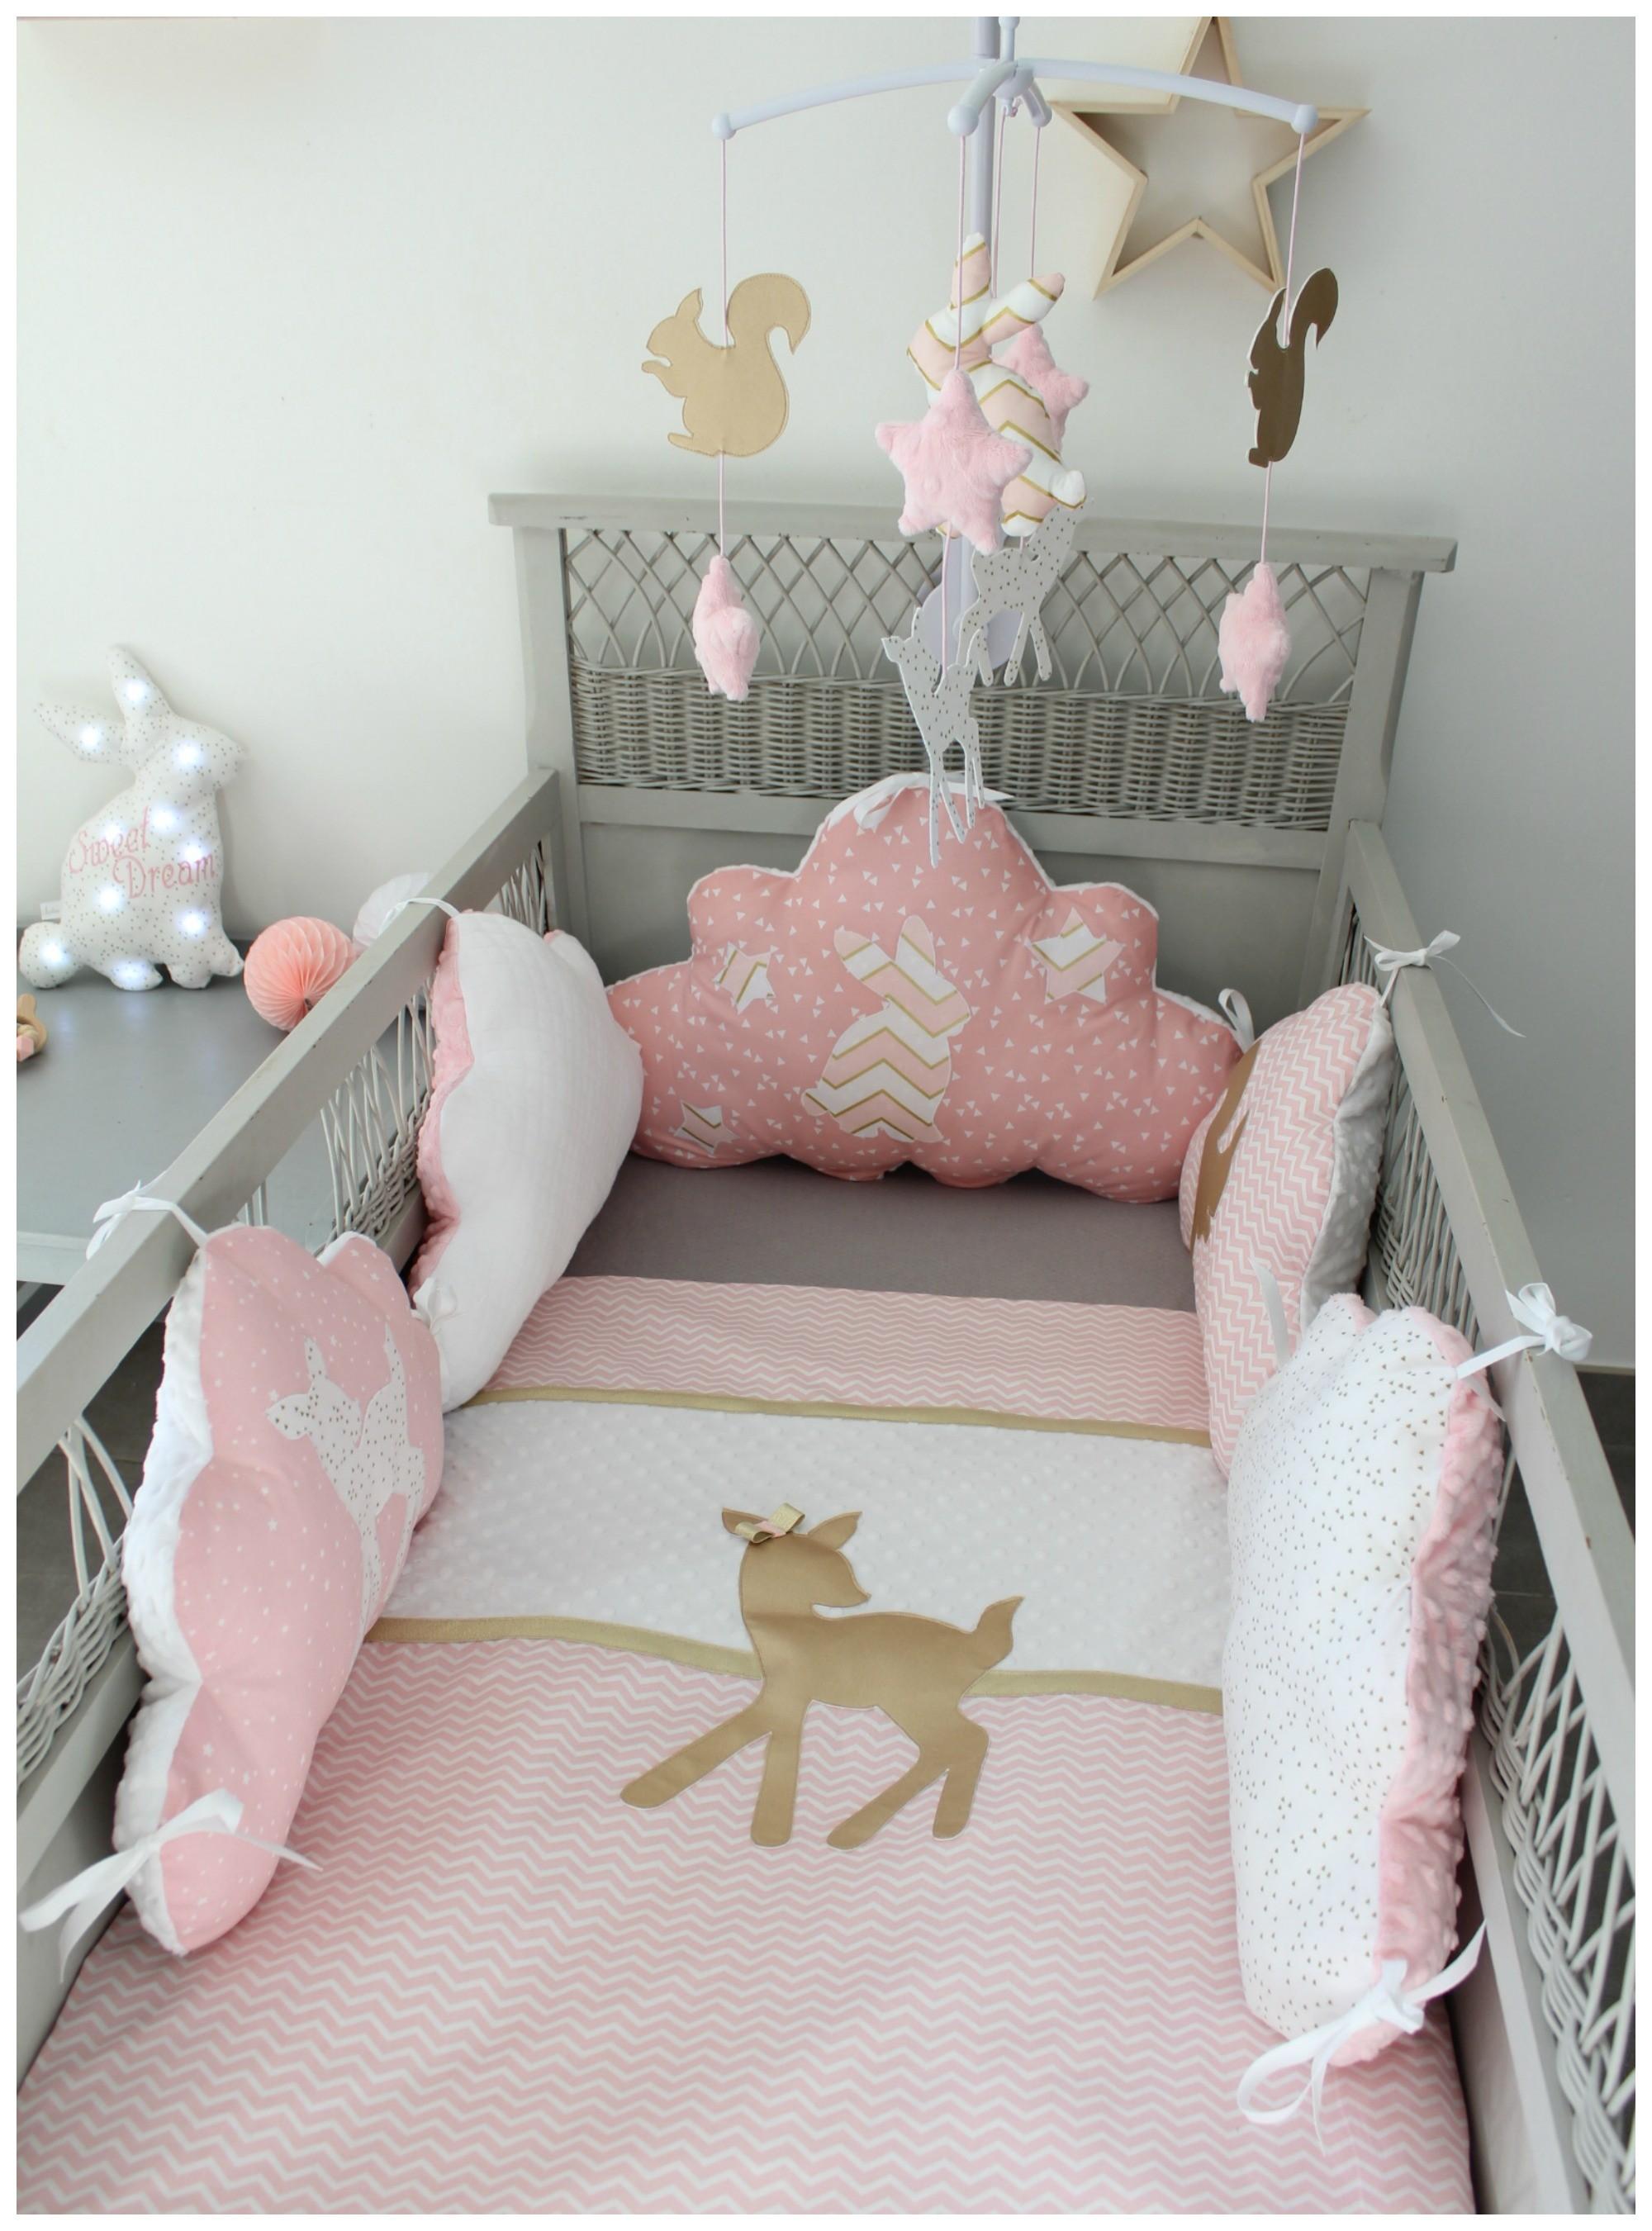 Tour de lit bébé rose et blanc - Idées de tricot gratuit